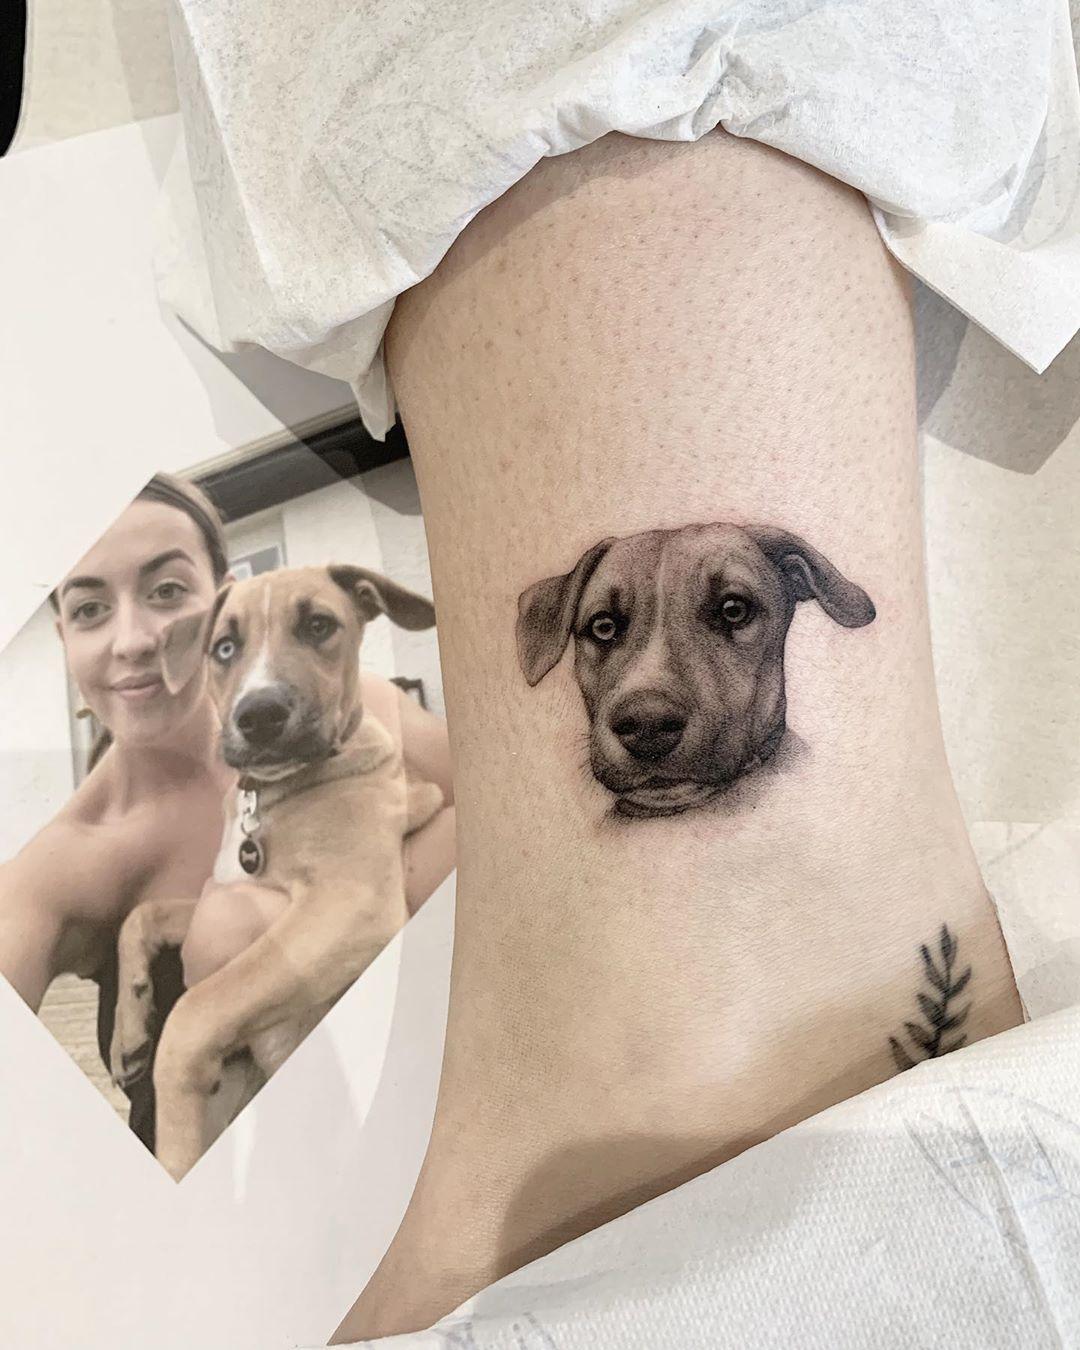 татуювання собаки на щиколотці